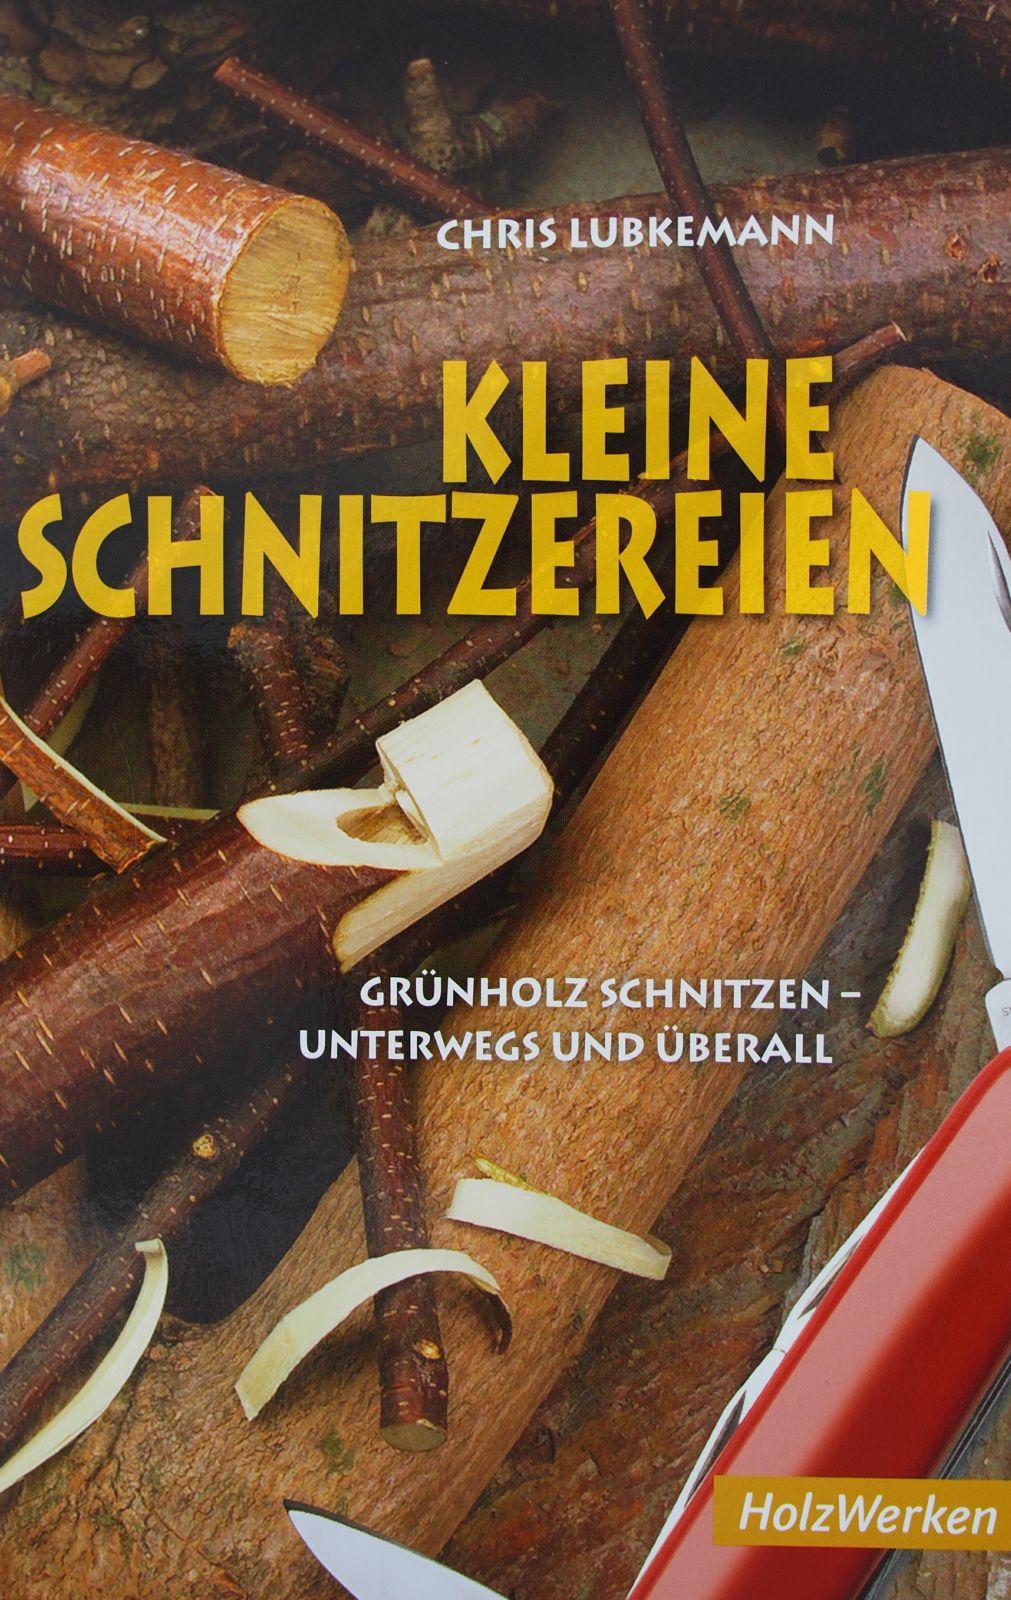 Chris Lubkemann - Kleine Schnitzereien